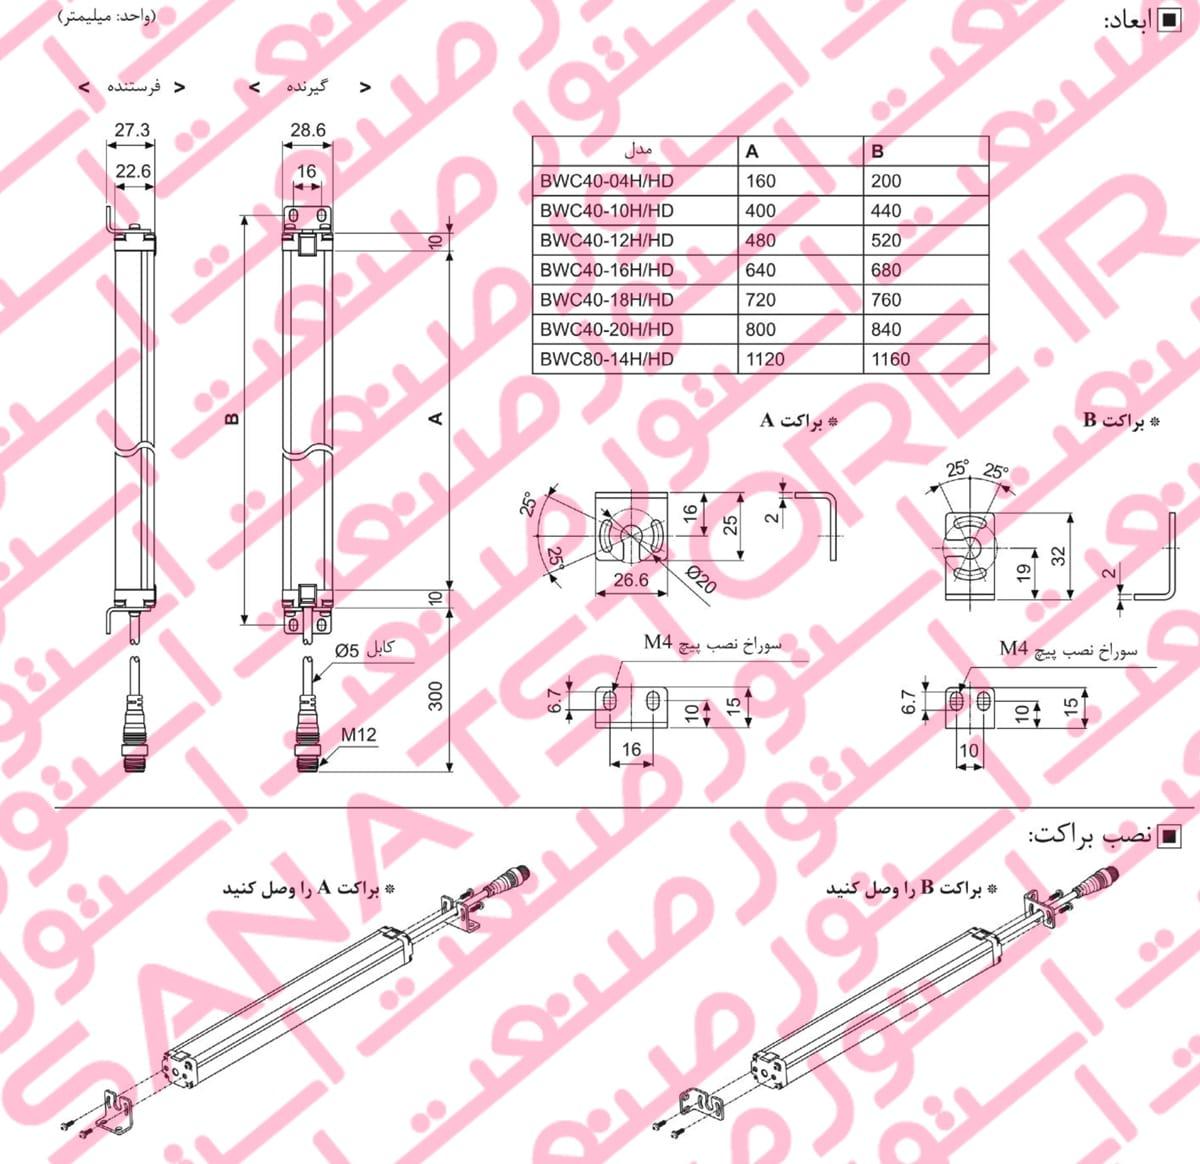 راهنمای نصب پرده های نوری آتونیکس سری BWC-1